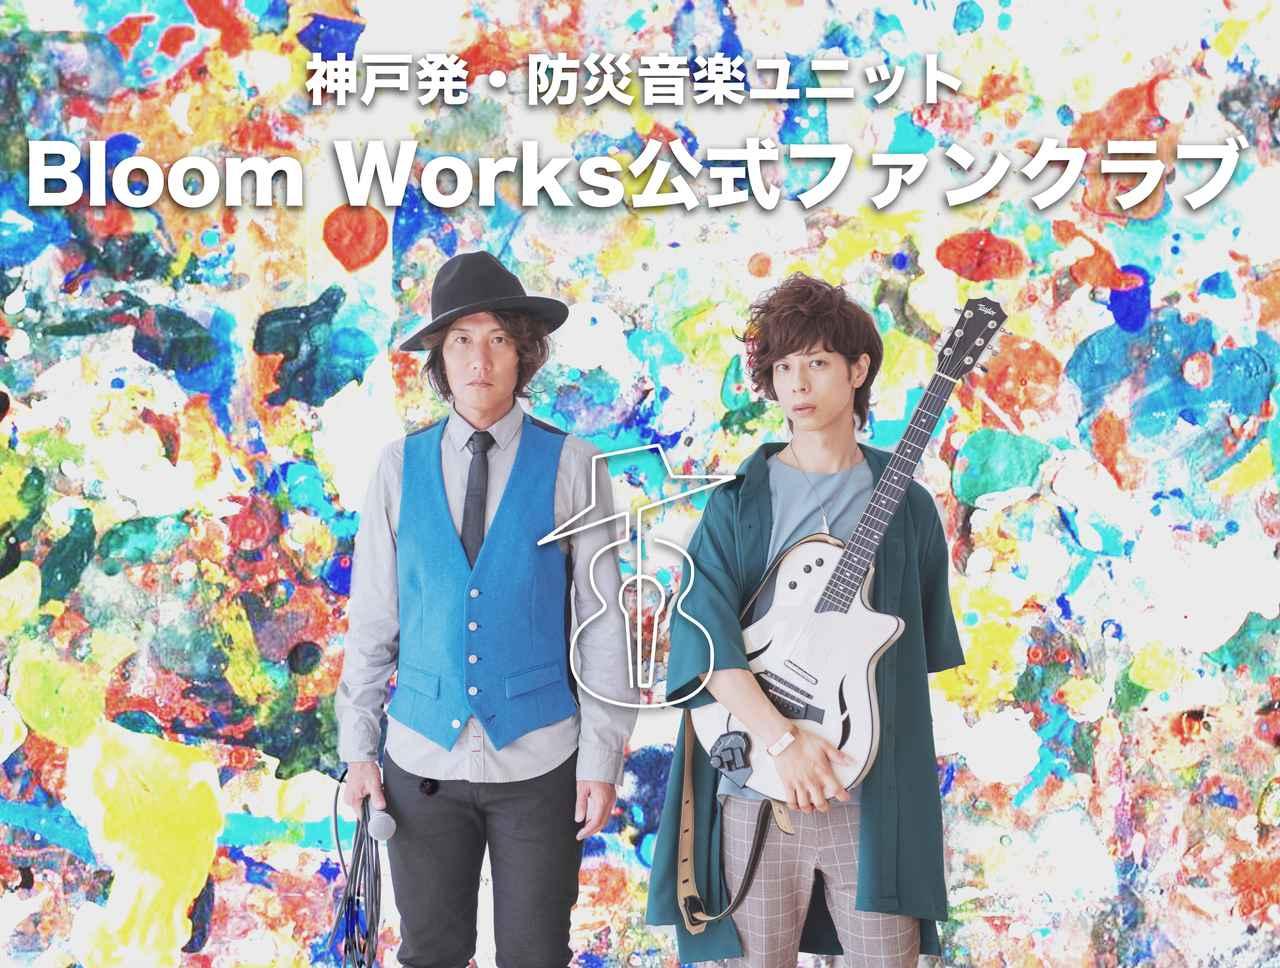 画像: TOP of Bloom Works